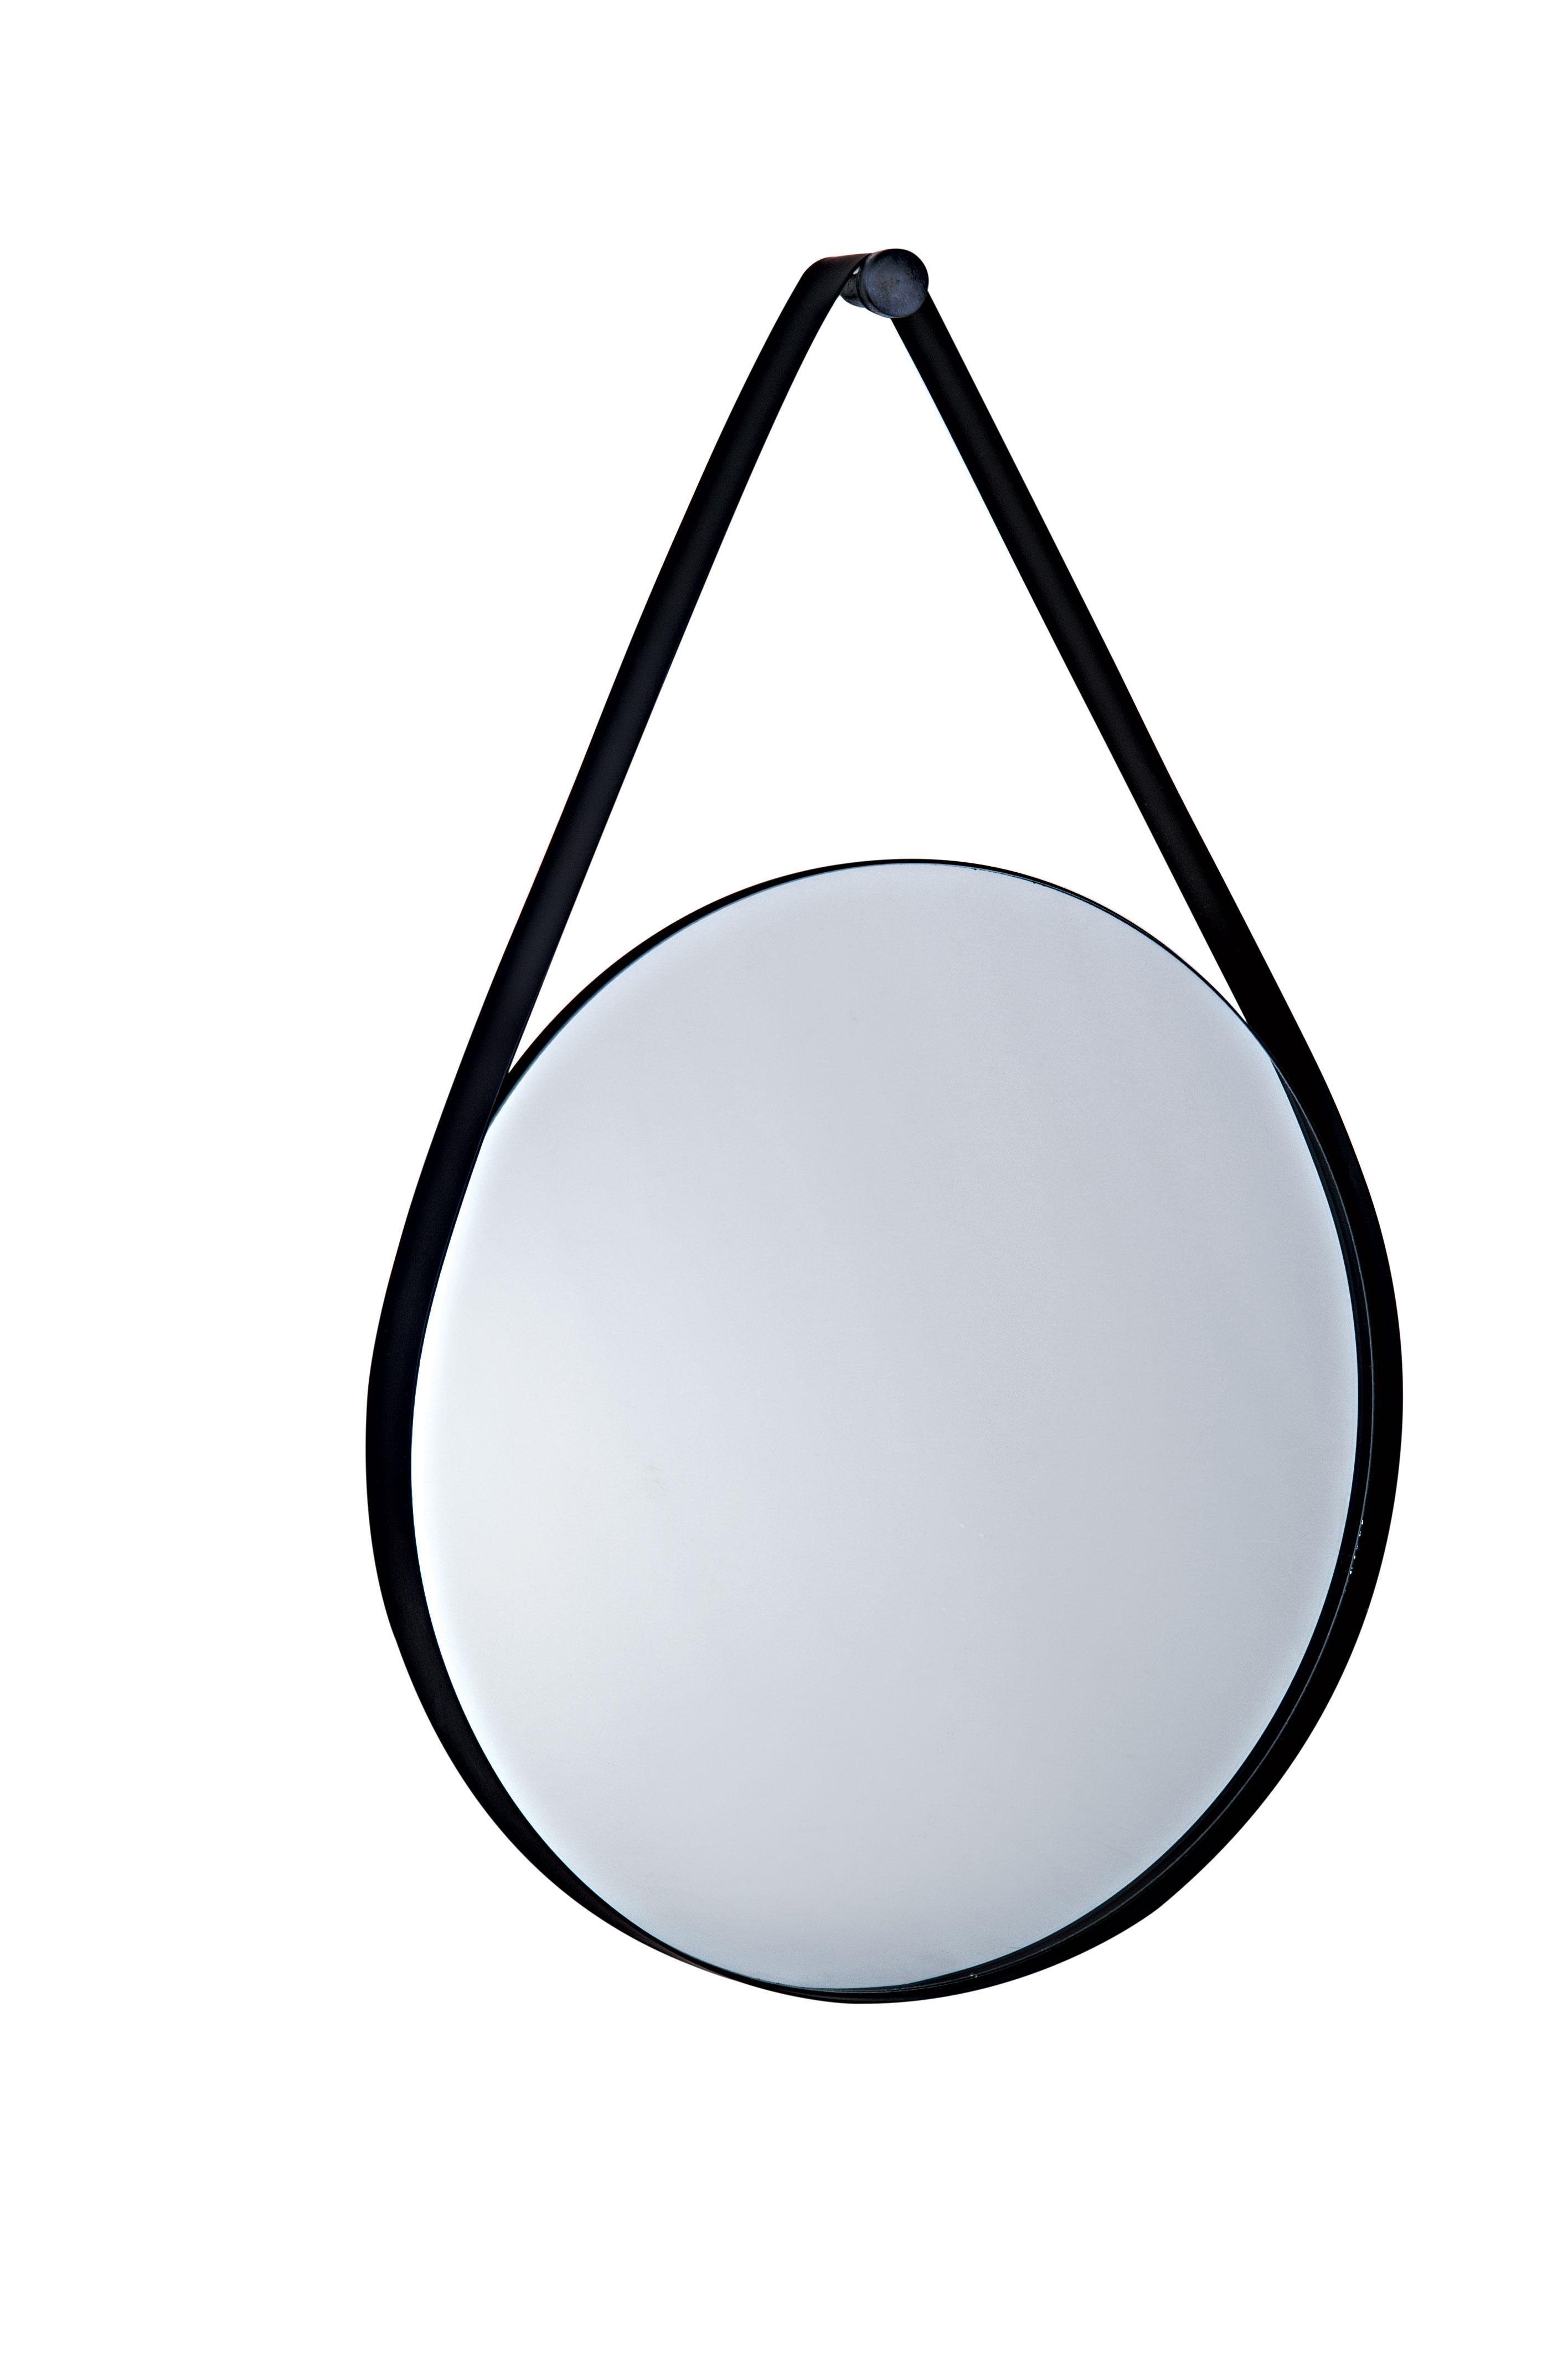 Espelho Preto em metal 61 cm x 40,5 cm x 3,5 cm